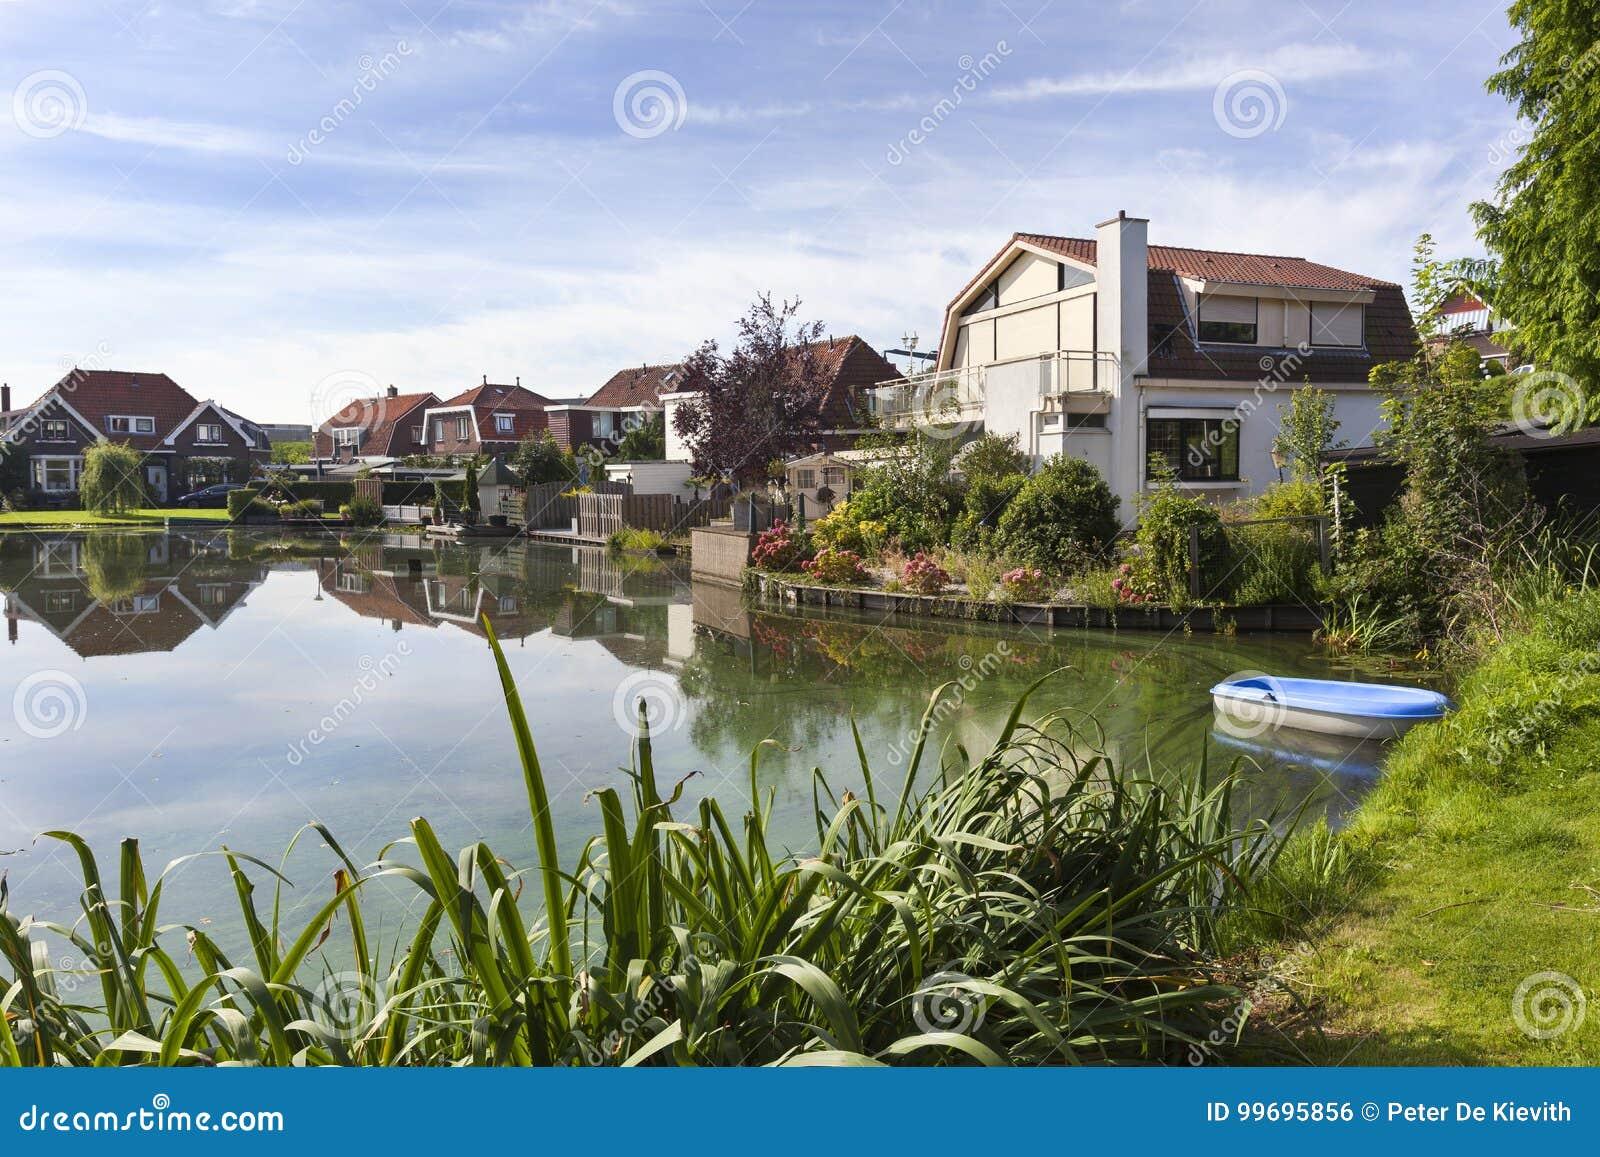 Traditionella hus runt om ett damm i Nederländerna